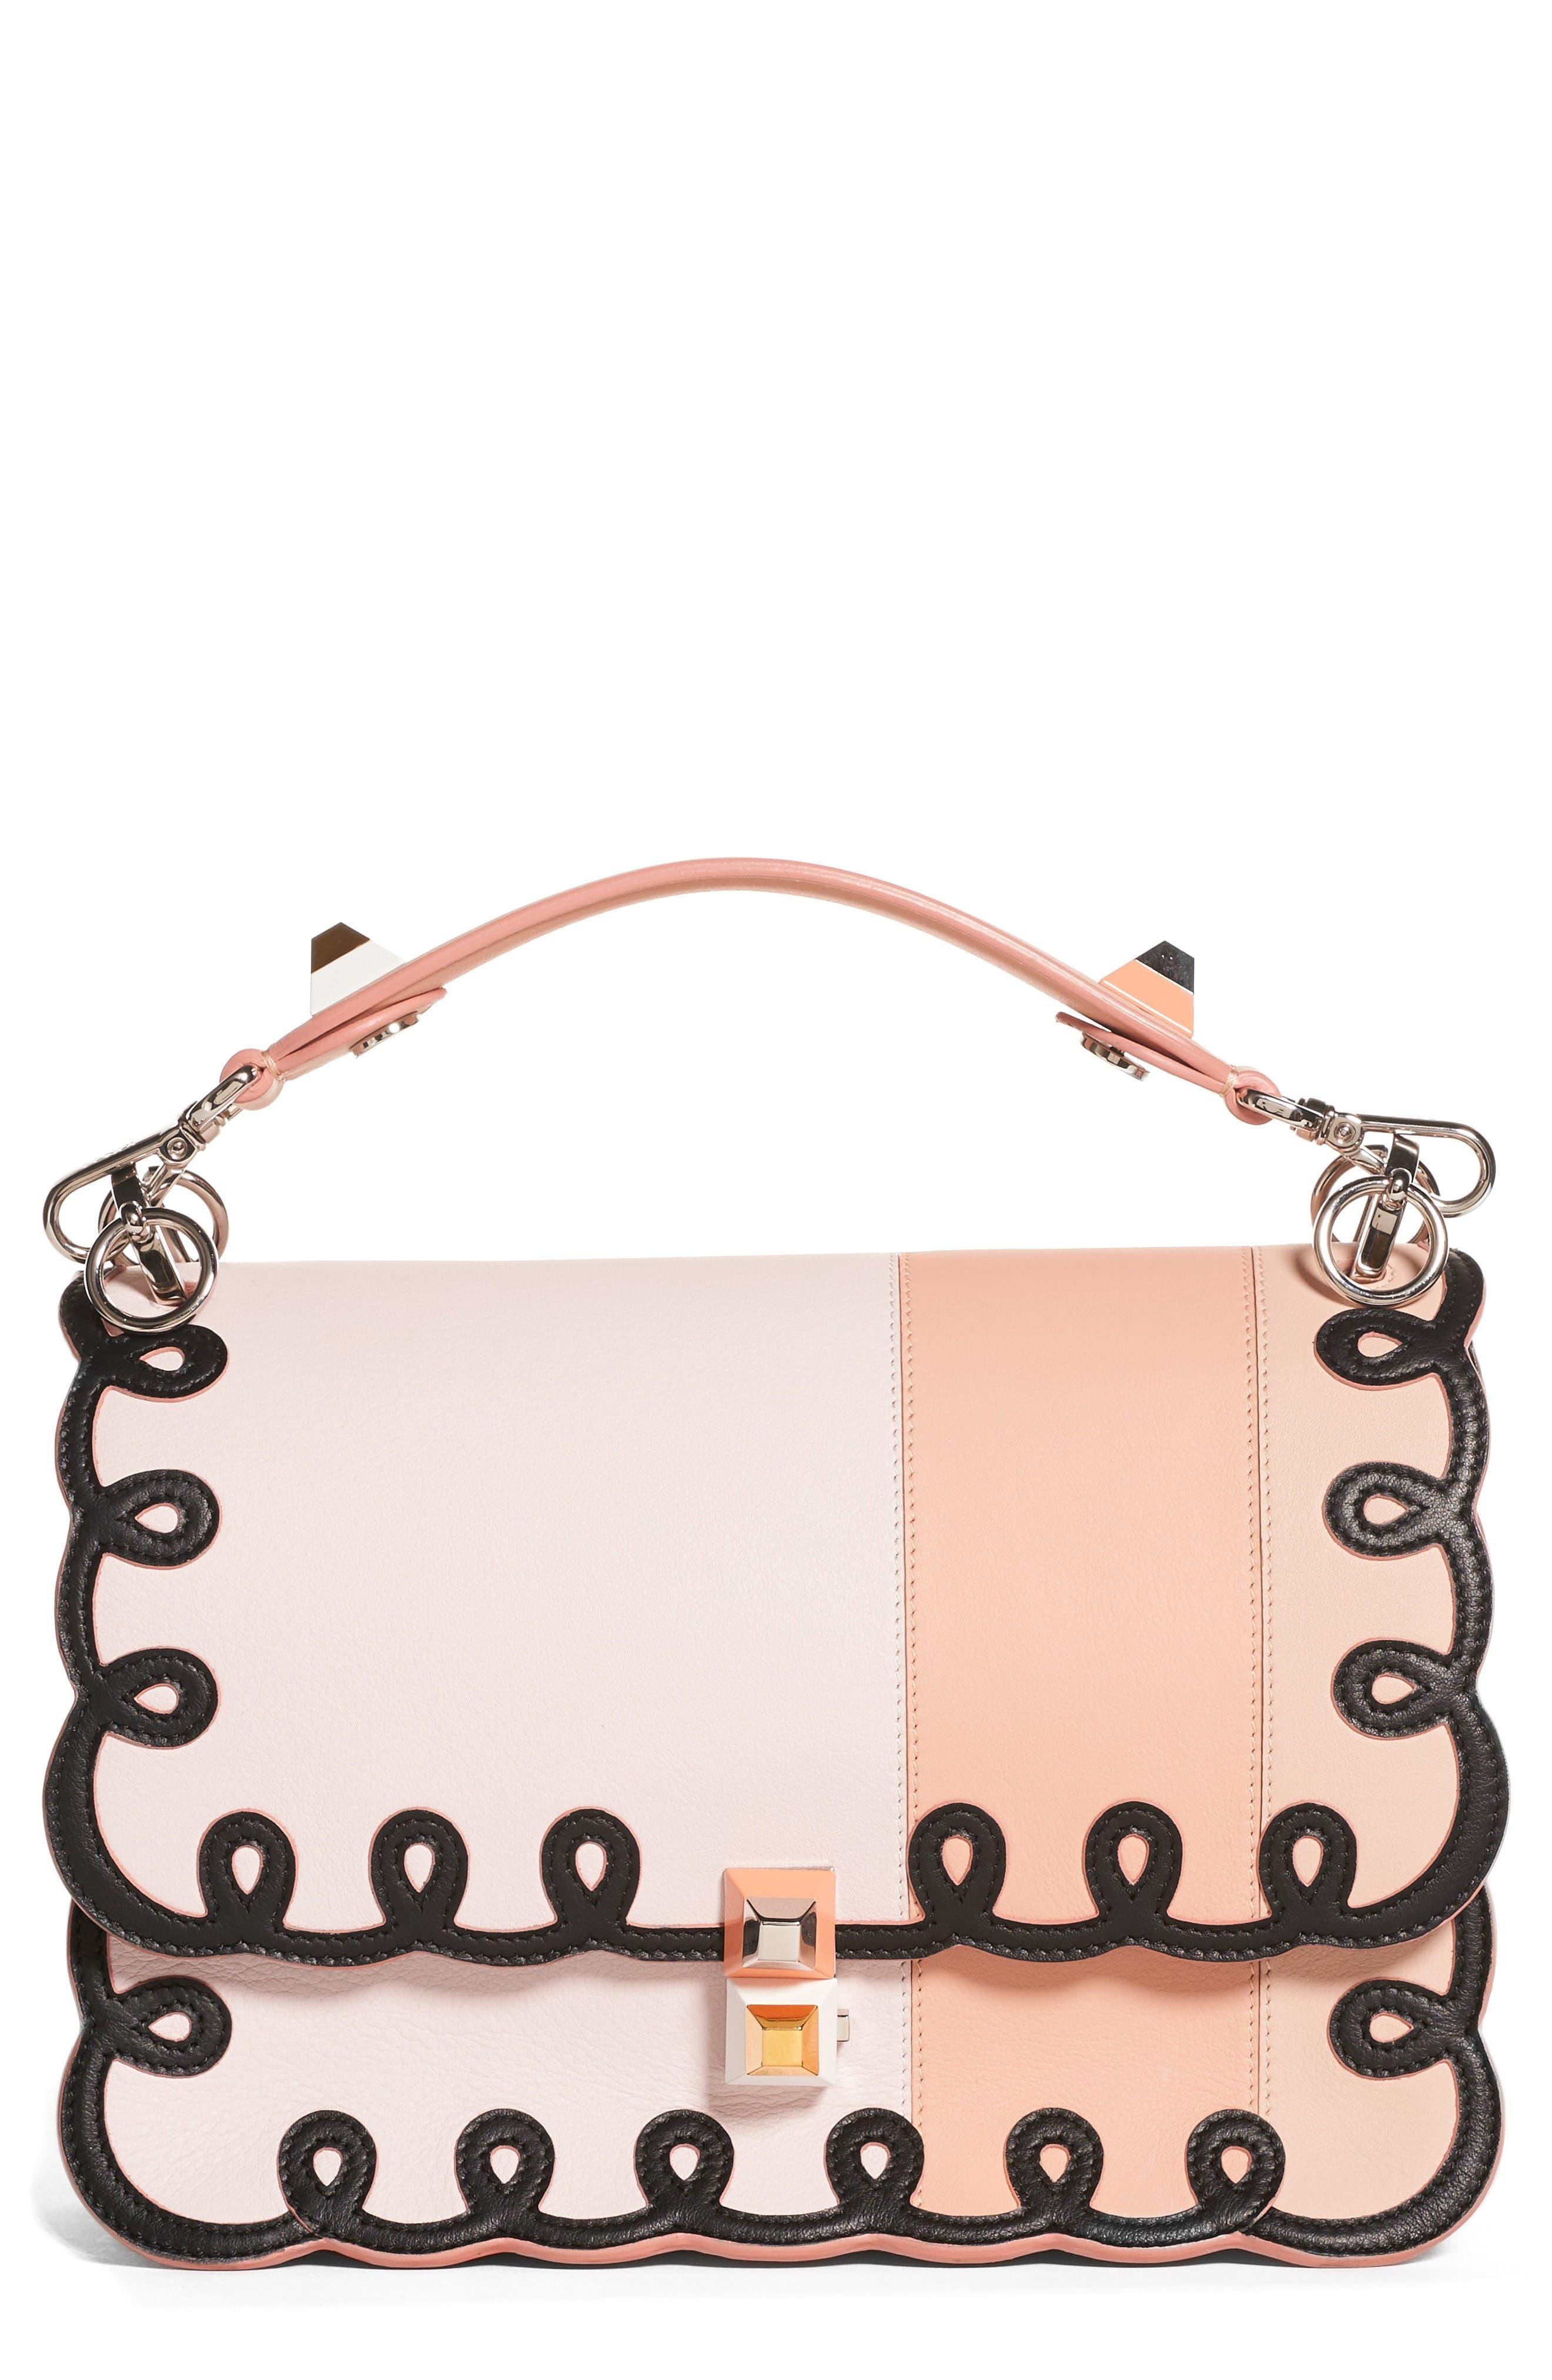 Fendi Kan I Scalloped Stripe Leather Shoulder Bag